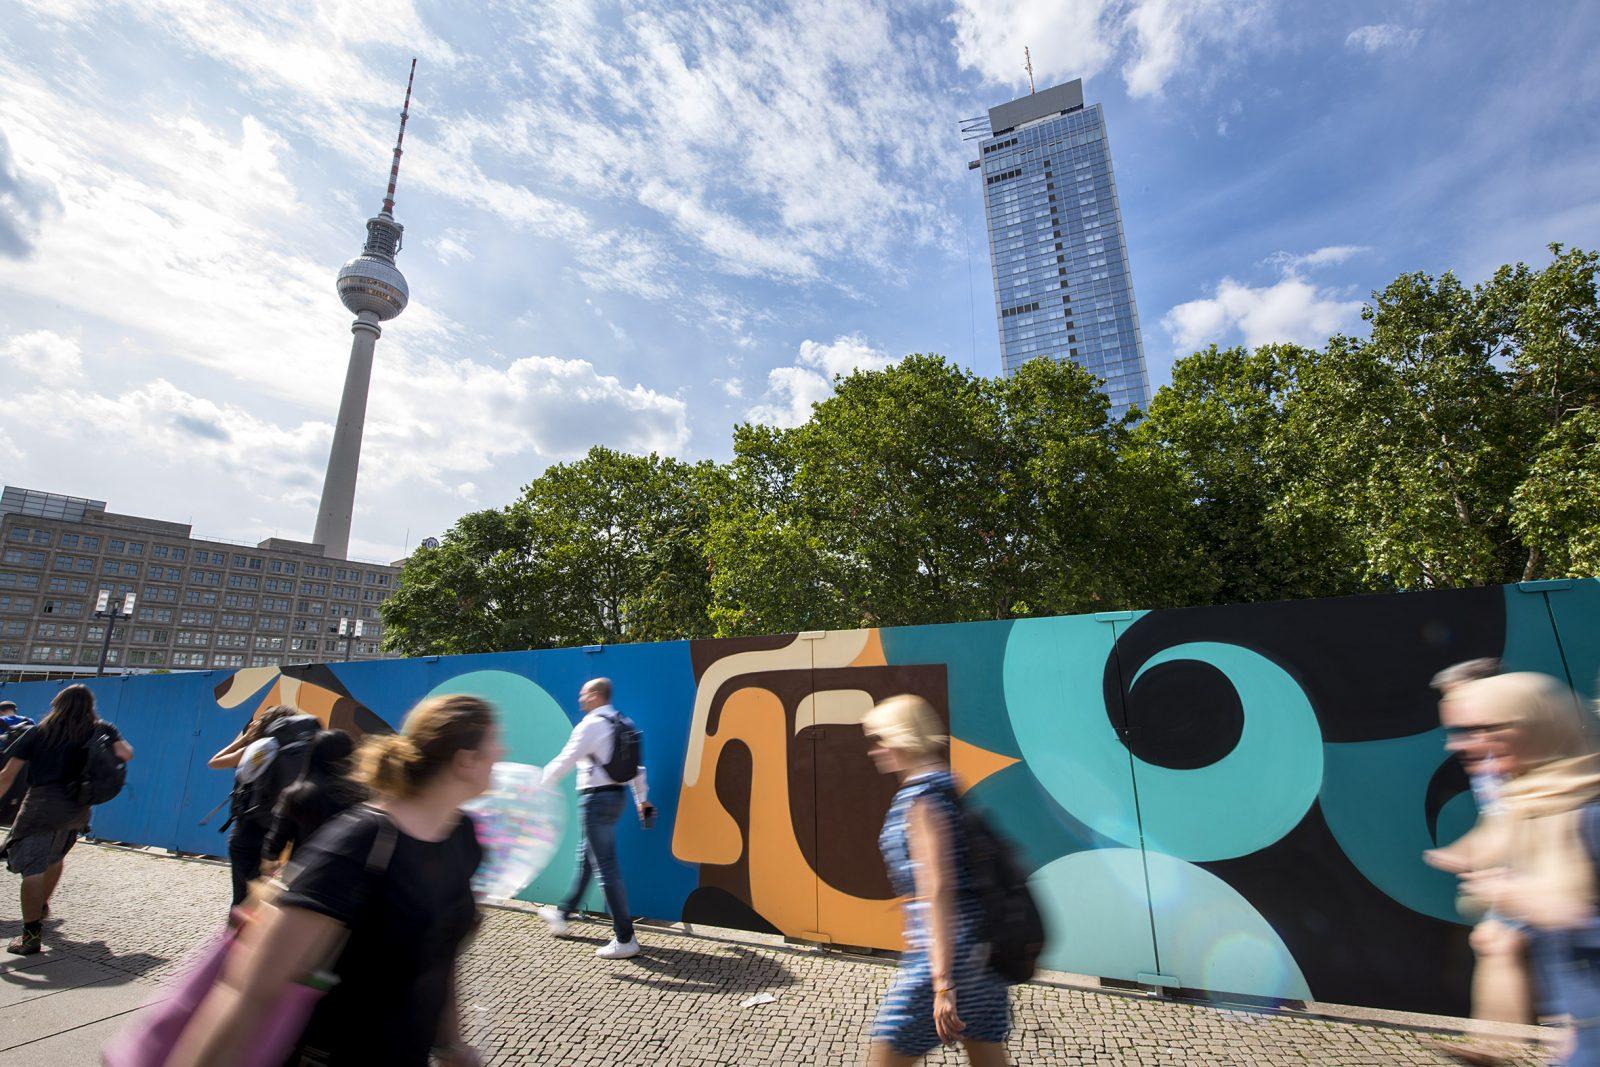 """Kunstprojekt  """"A- FENCE"""" auf dem Grundstück für das Hochhausprojekt am Alexanderplatz"""